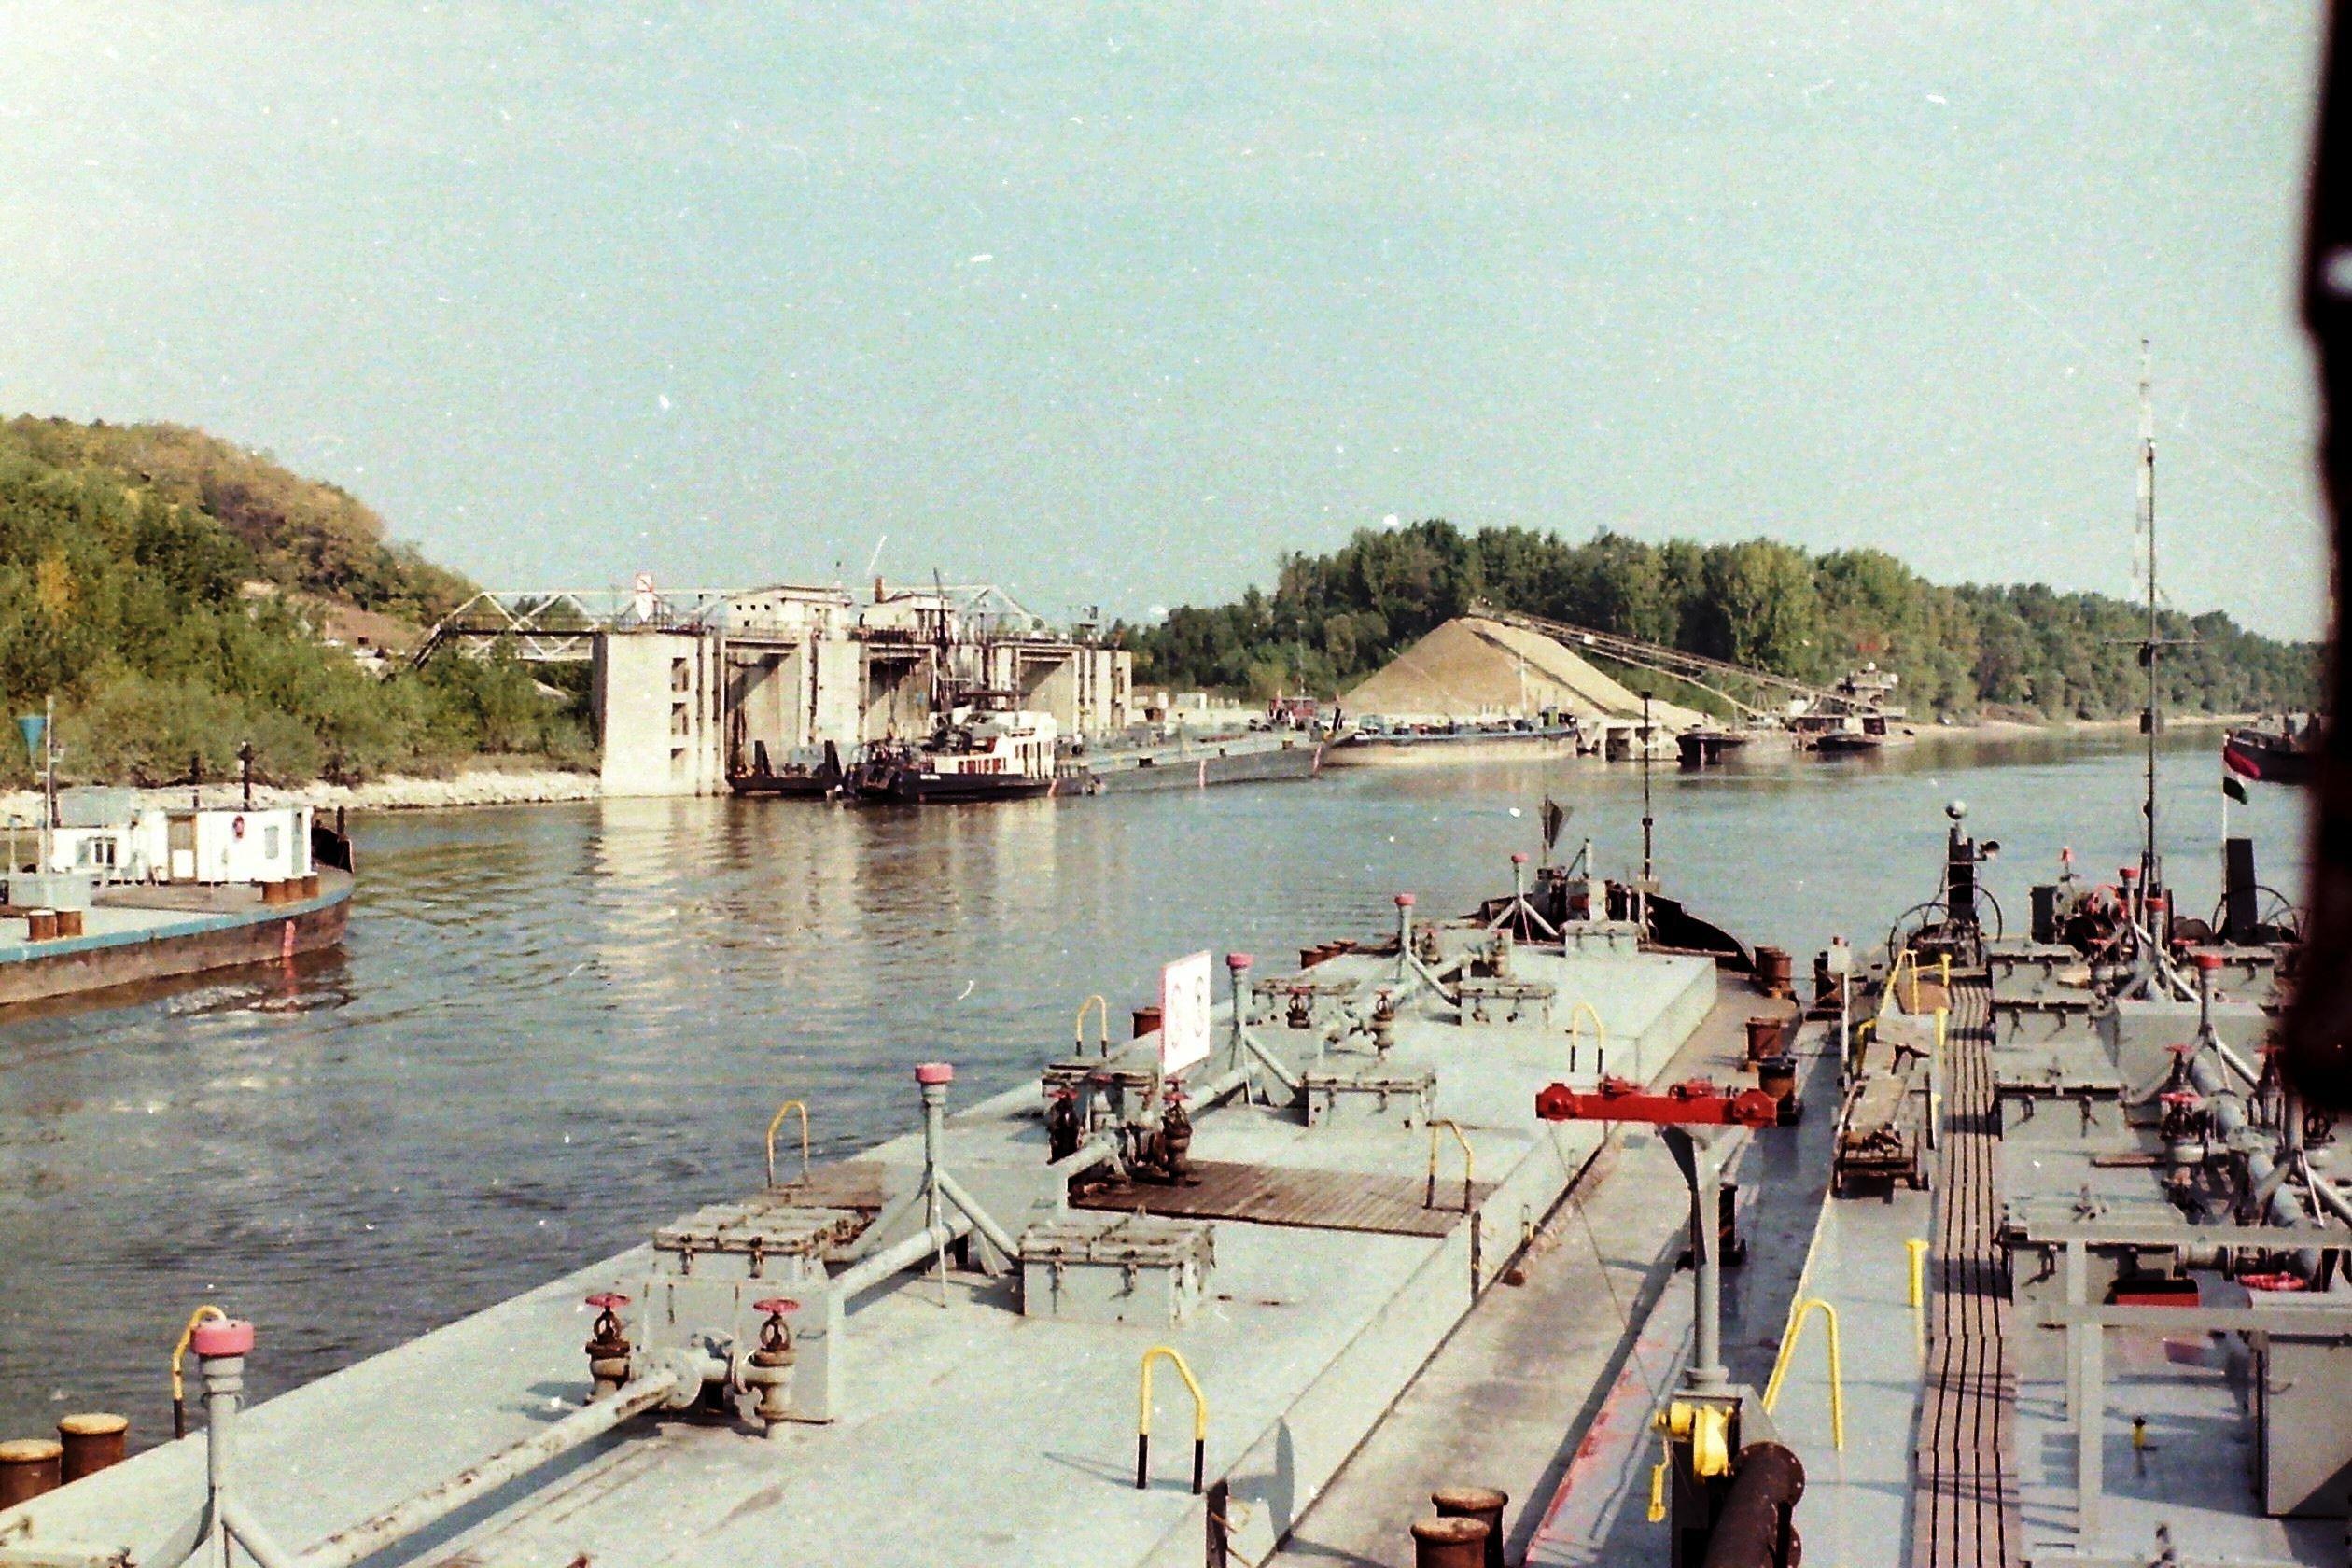 Frachtschiff auf dem Fluss an einer Ladestation